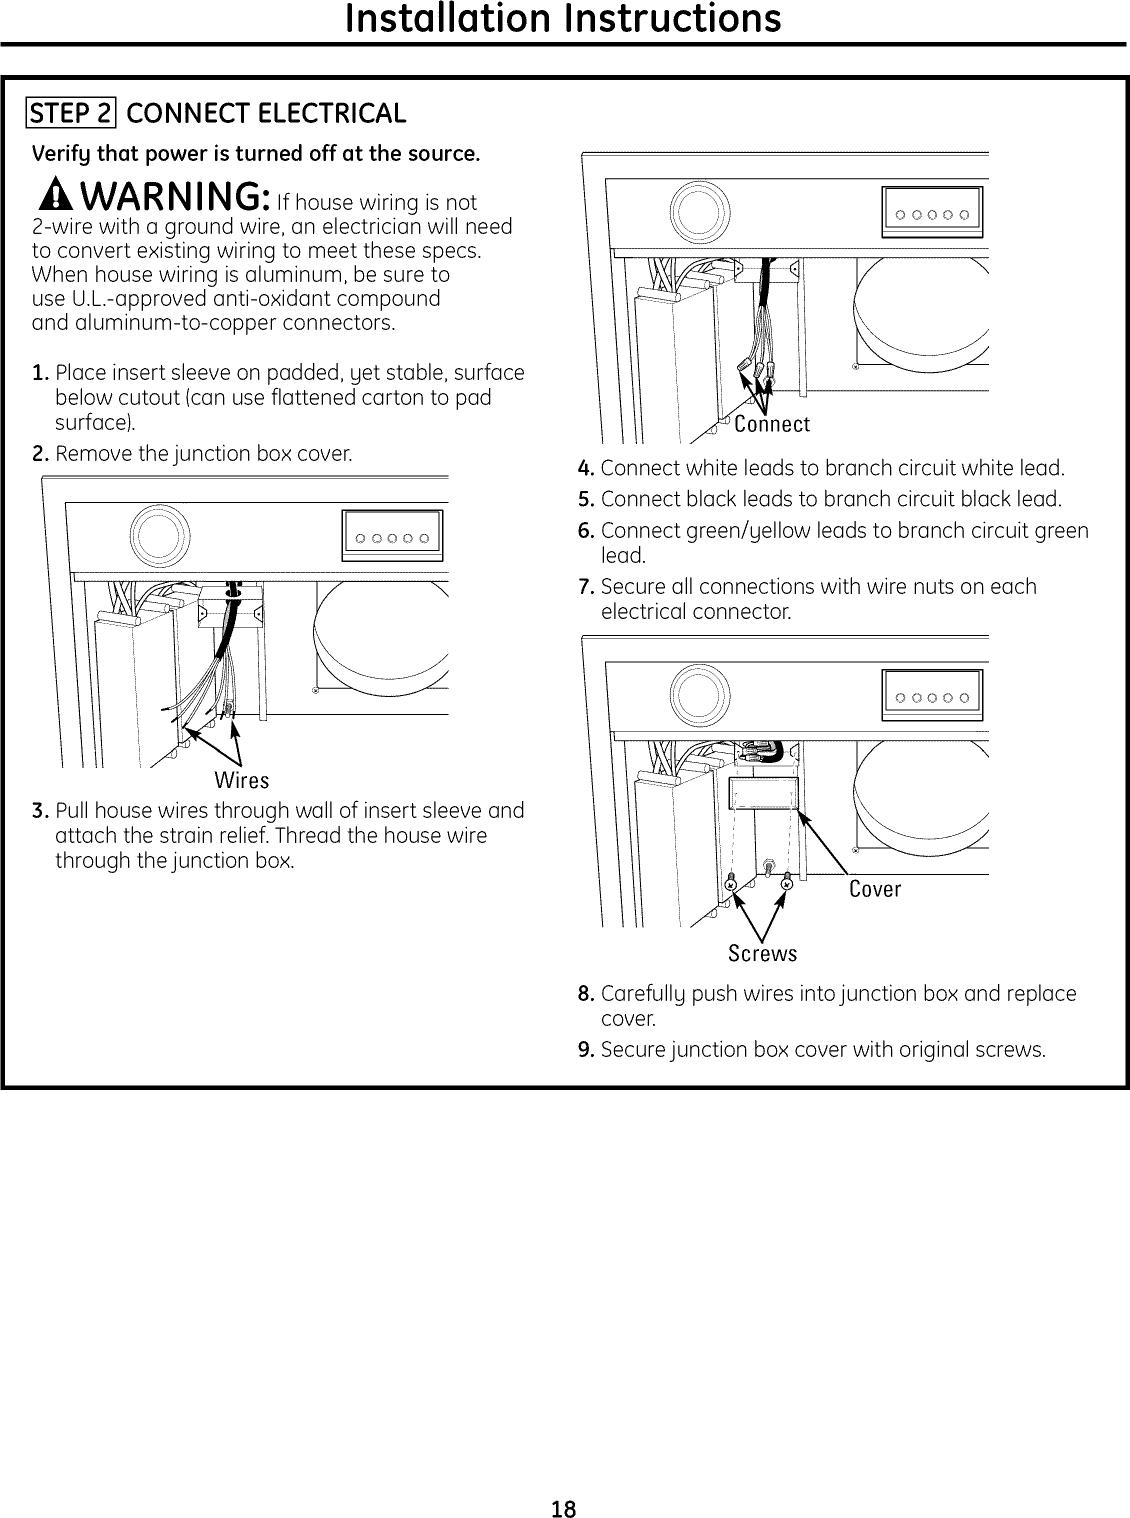 Zvc48 Wiring Diagram Ge Monogram. . Wiring Diagram on